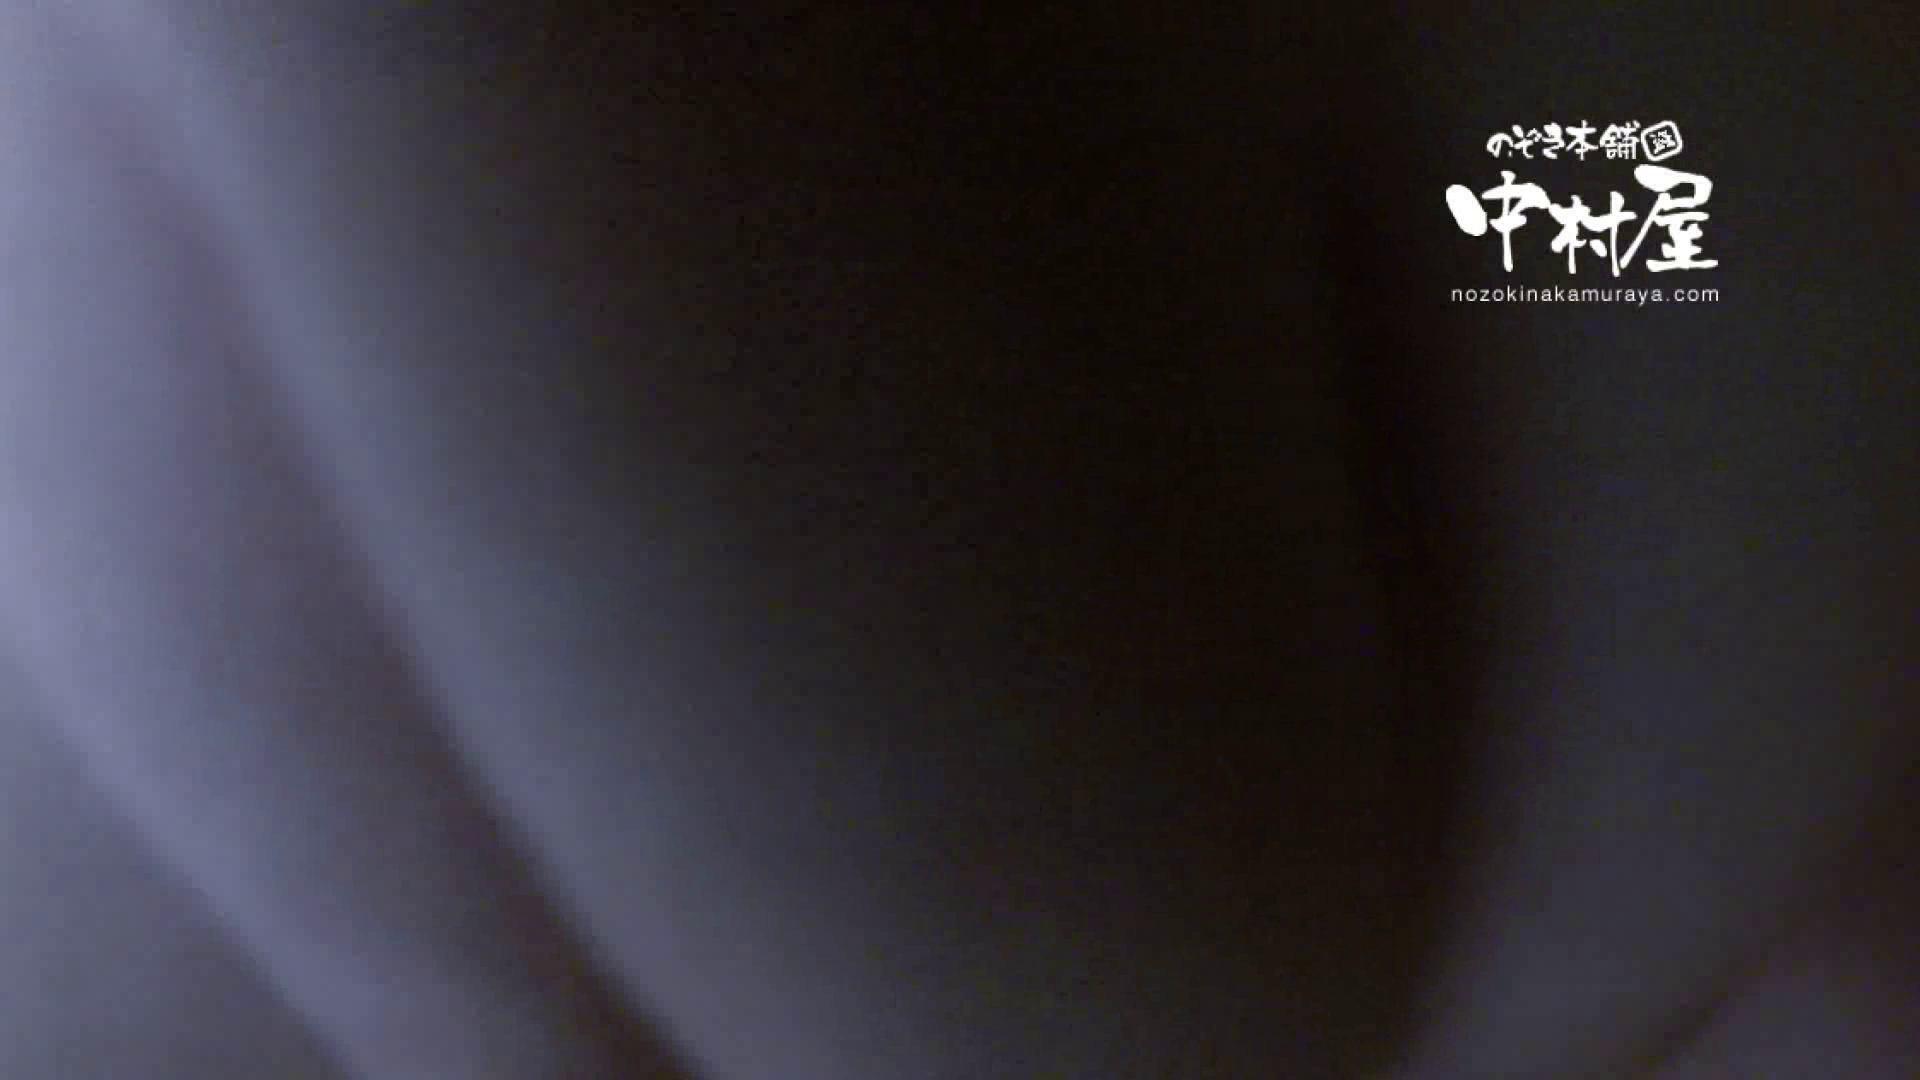 鬼畜 vol.12 剥ぎ取ったら色白でゴウモウだった 後編 0  64連発 12